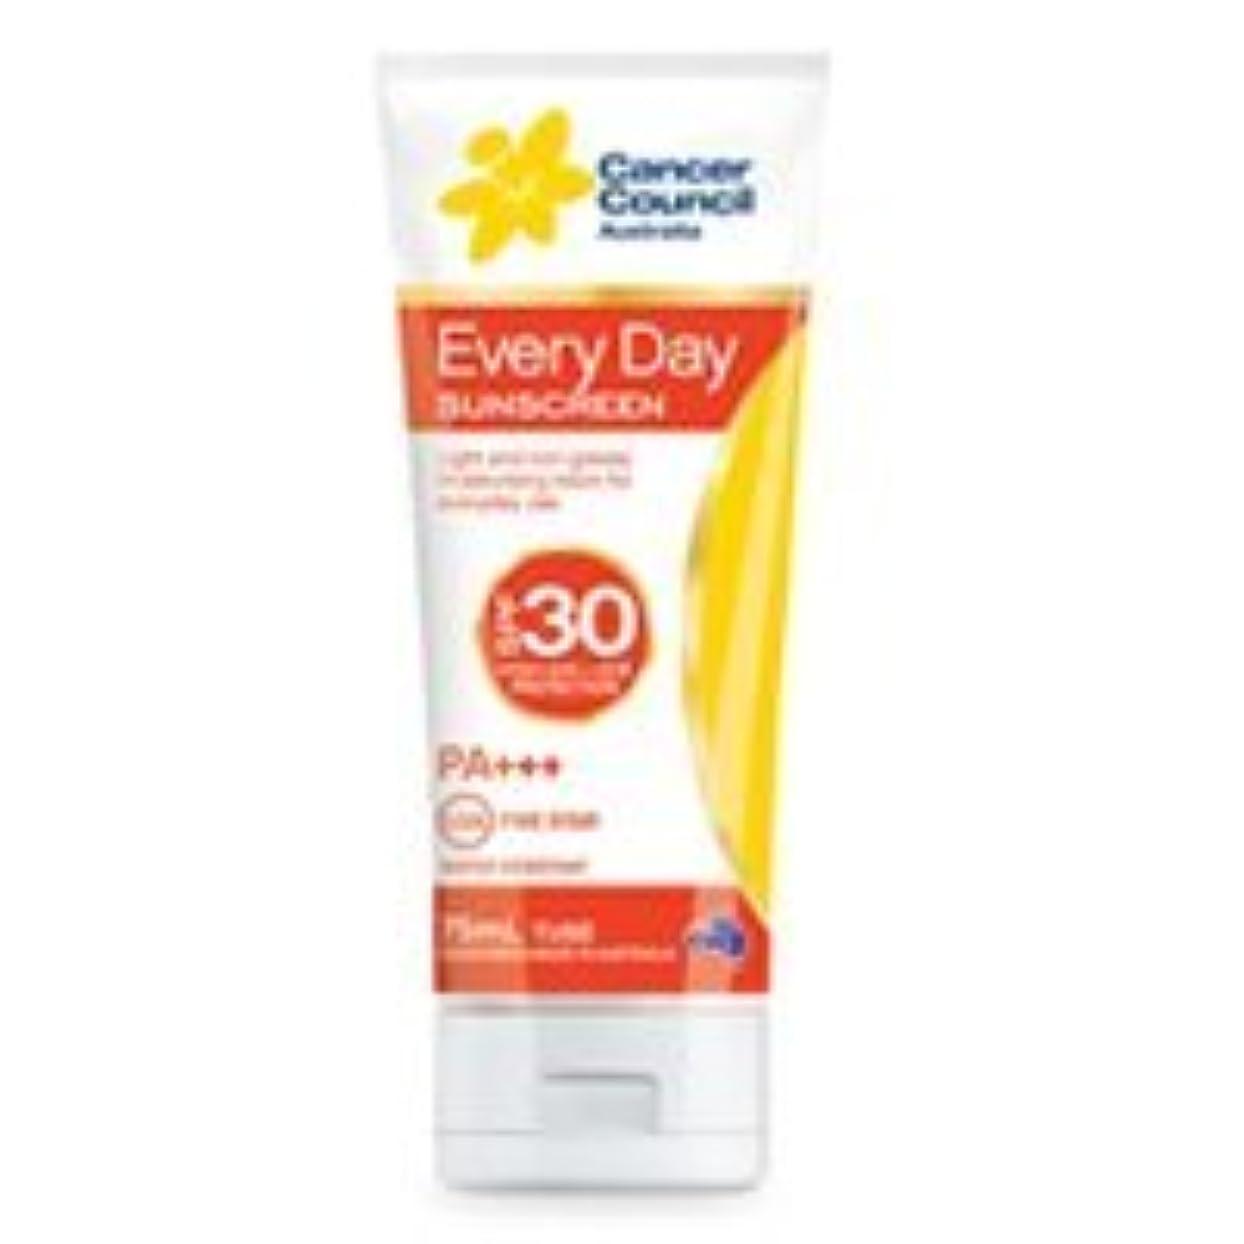 アンタゴニスト余裕があるCancer Council Australia Everyday Sunscreen Moisturizing Lotion SPF 30 PA+++ High UVA + UVB Protection, 75ml by...